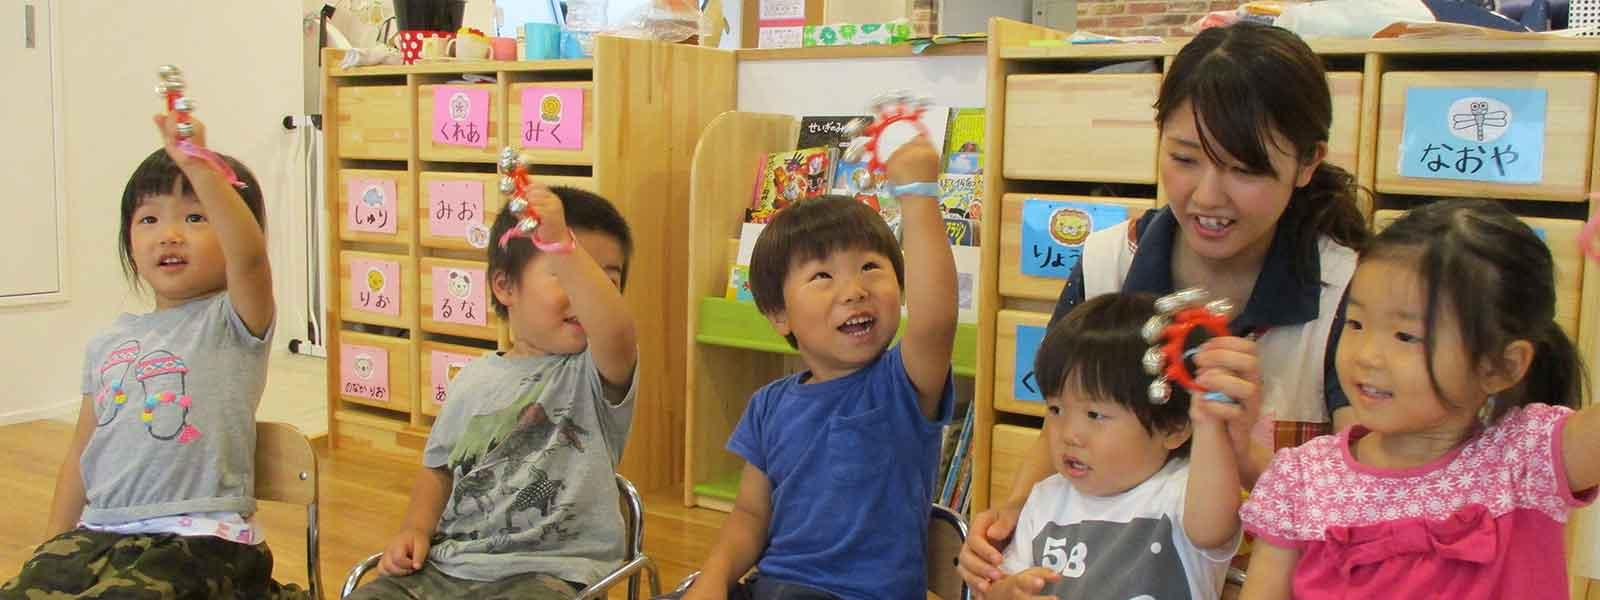 設定保育で楽しそうに遊ぶ子どもたち